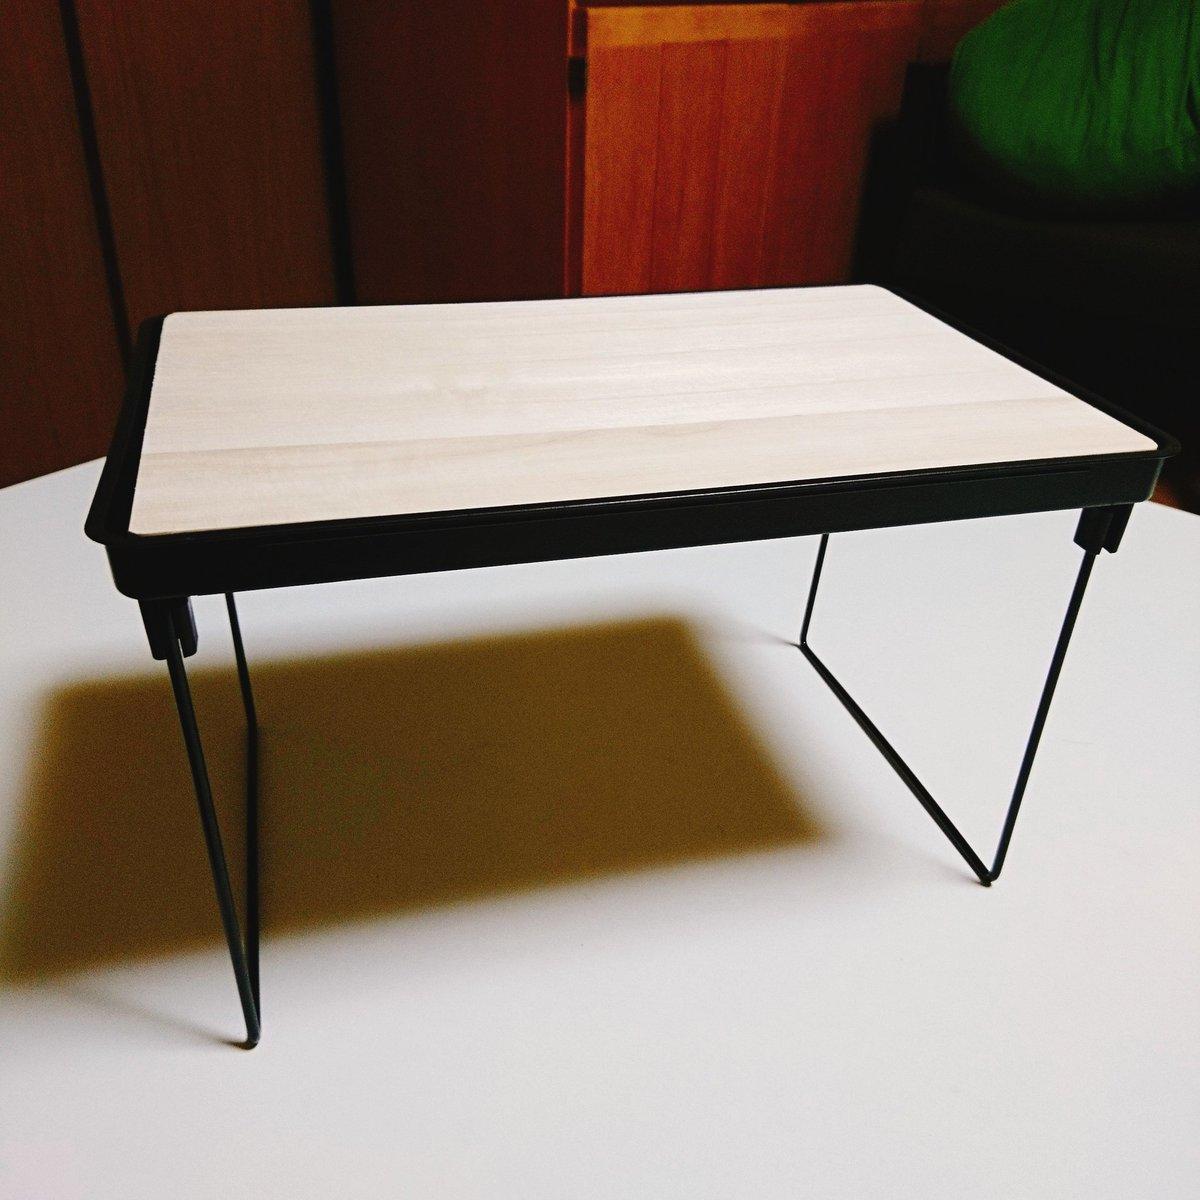 test ツイッターメディア - 簡易テーブルできた。  100均で買ってきた折りたたみ可能の整理棚に桐のまな板をハメただけ。なんの加工もなし。シンデレラフィット?  重いものは乗せれないけどね…  #キャンドゥ #キャンプ にどうよ https://t.co/kLotUZfxtq